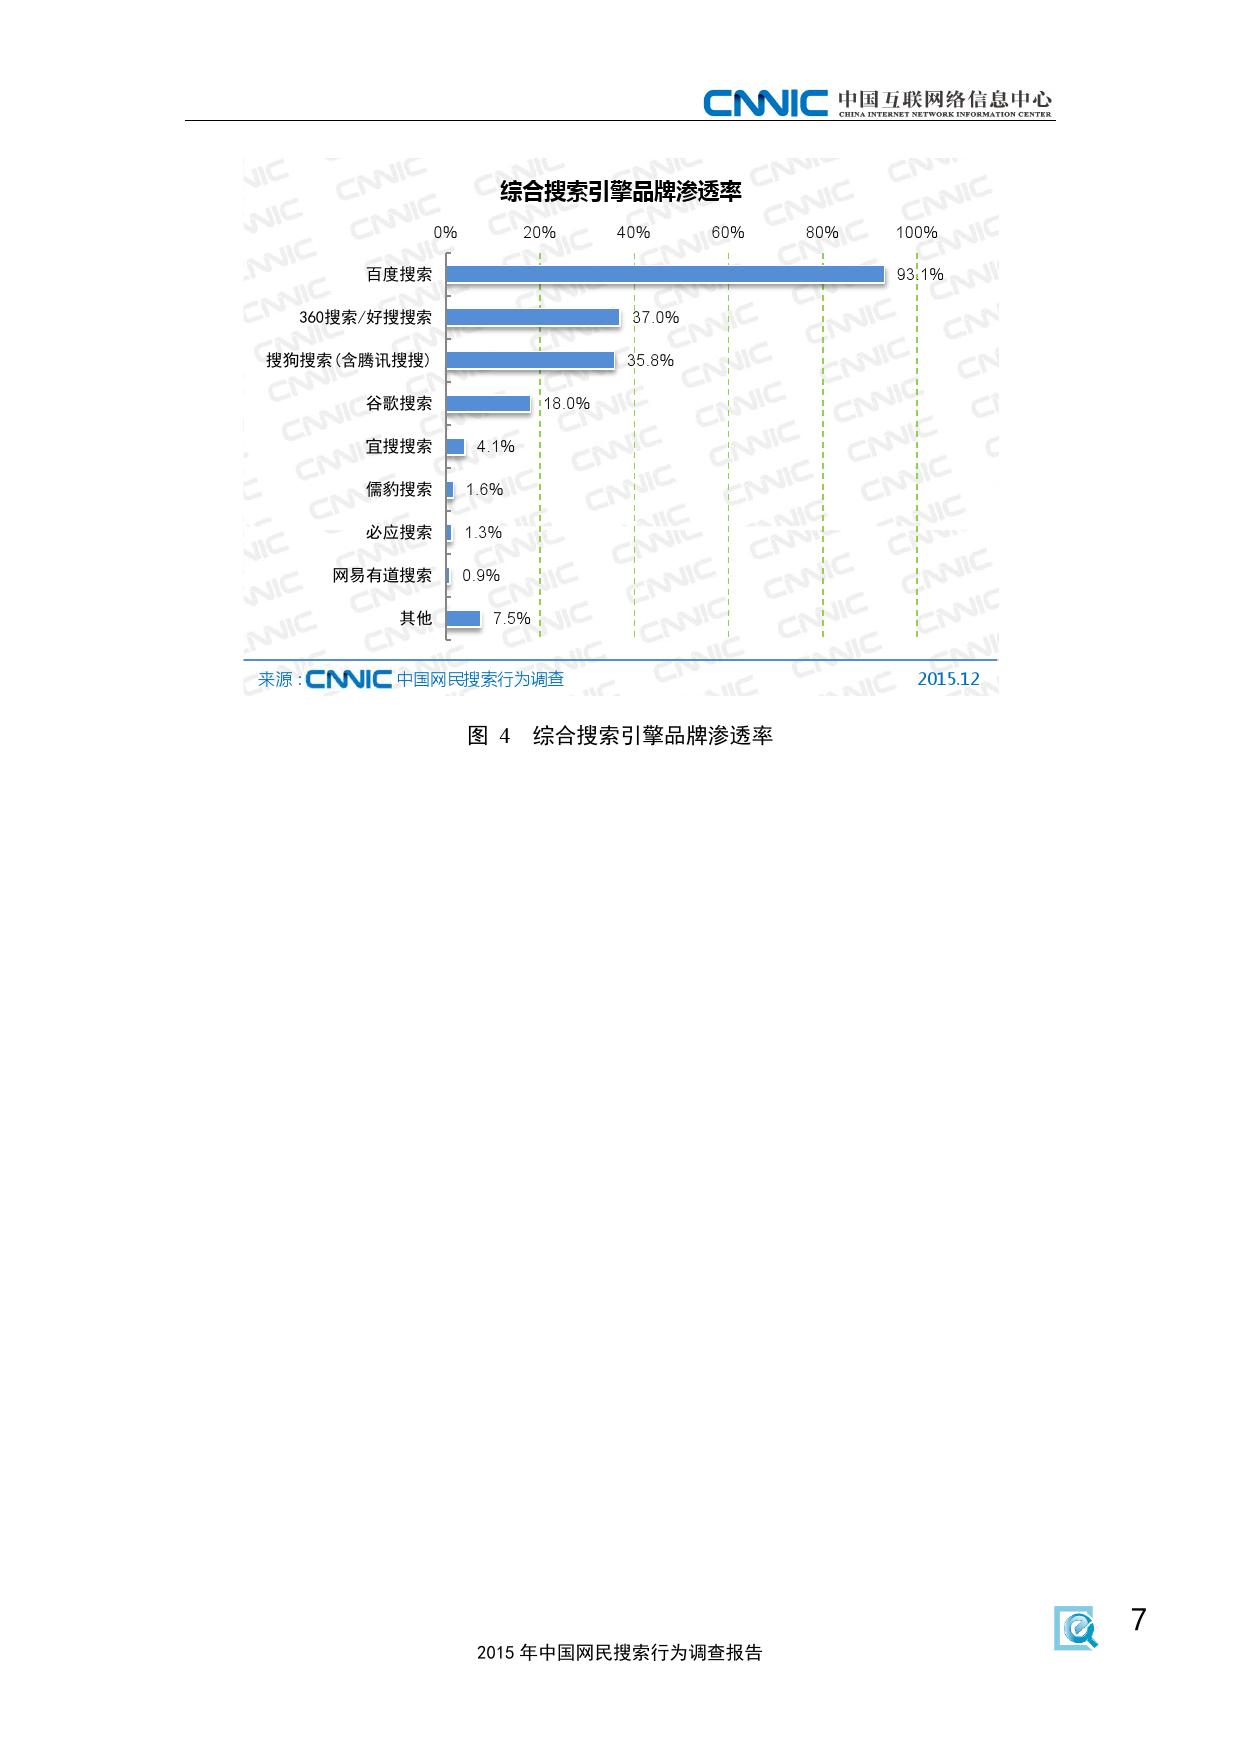 CNNIC:2015年中国网民搜索行为调查_000015